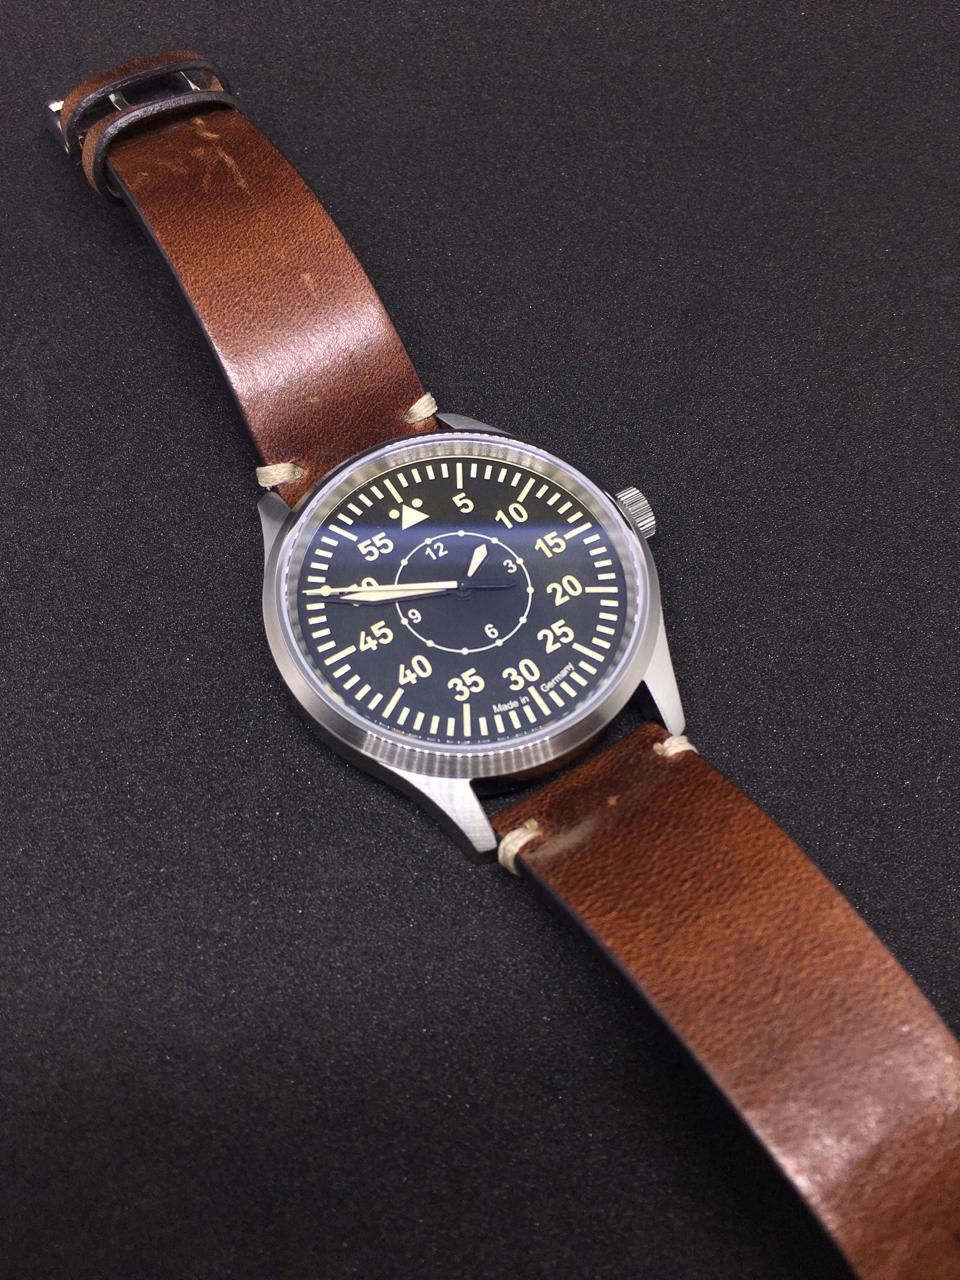 dhodge flieger pilot watch for sale - 3